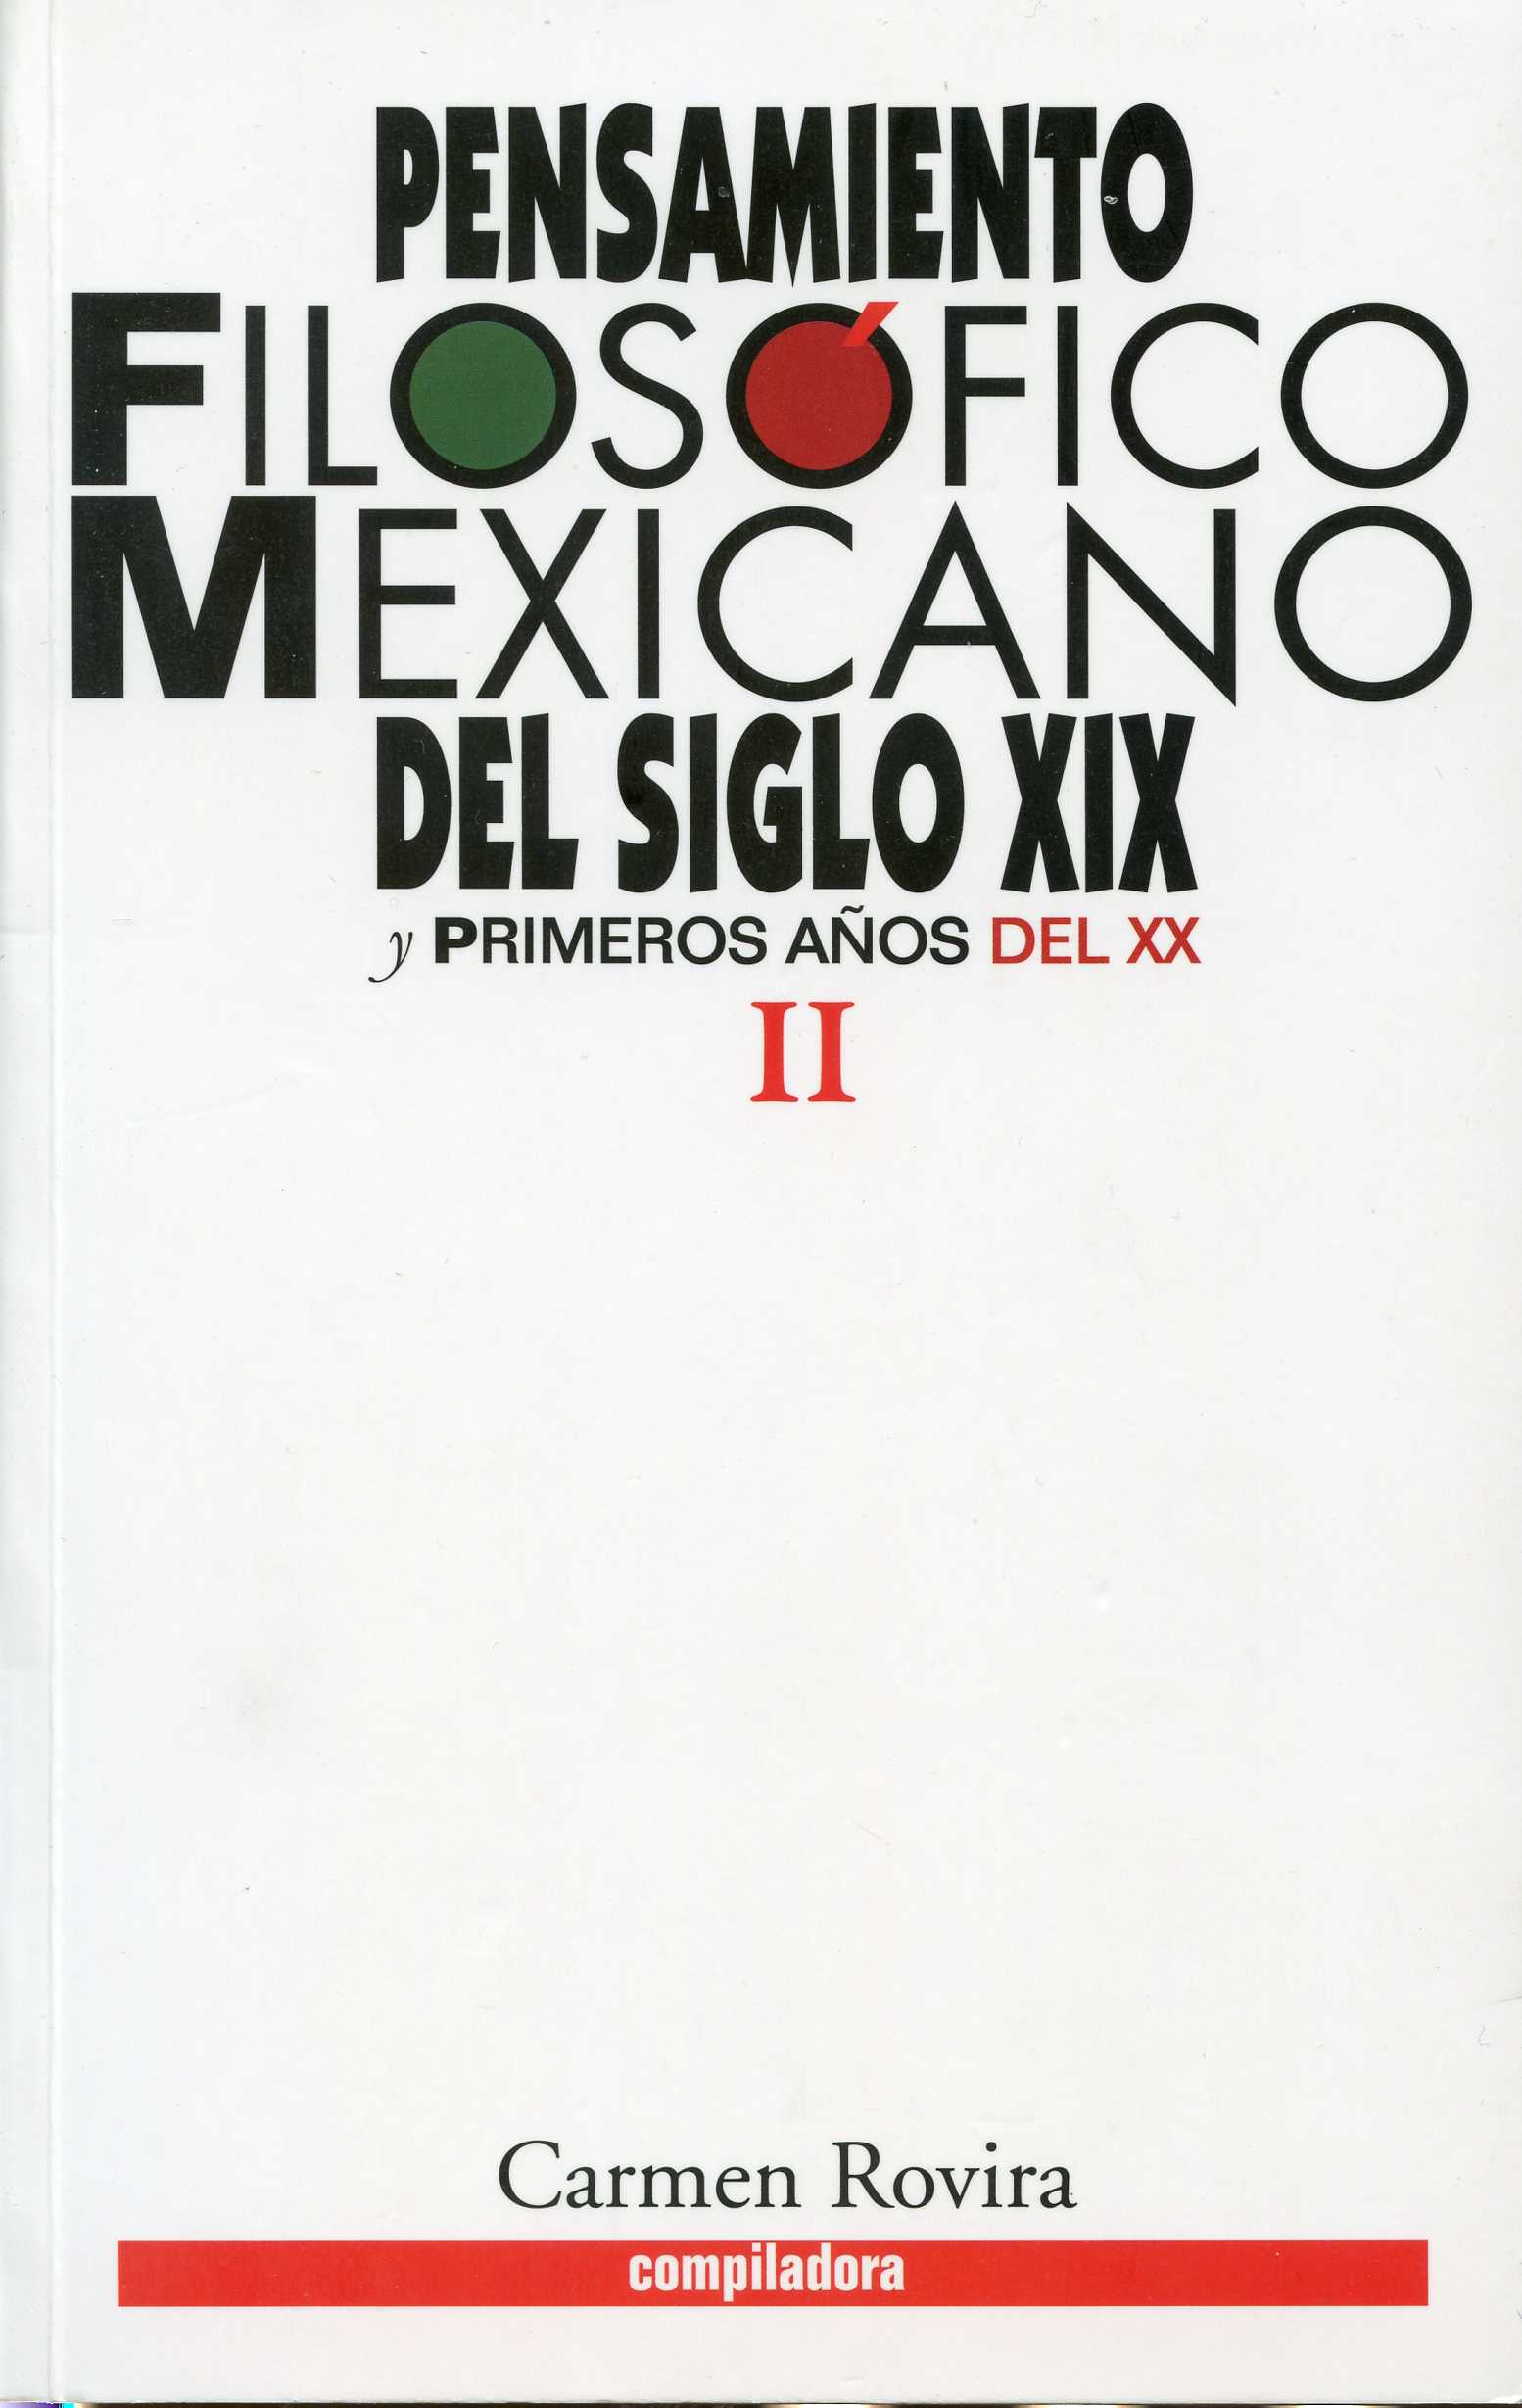 Pensamiento filosófico mexicano del siglo XIX y primeros años del XX. Tomo II